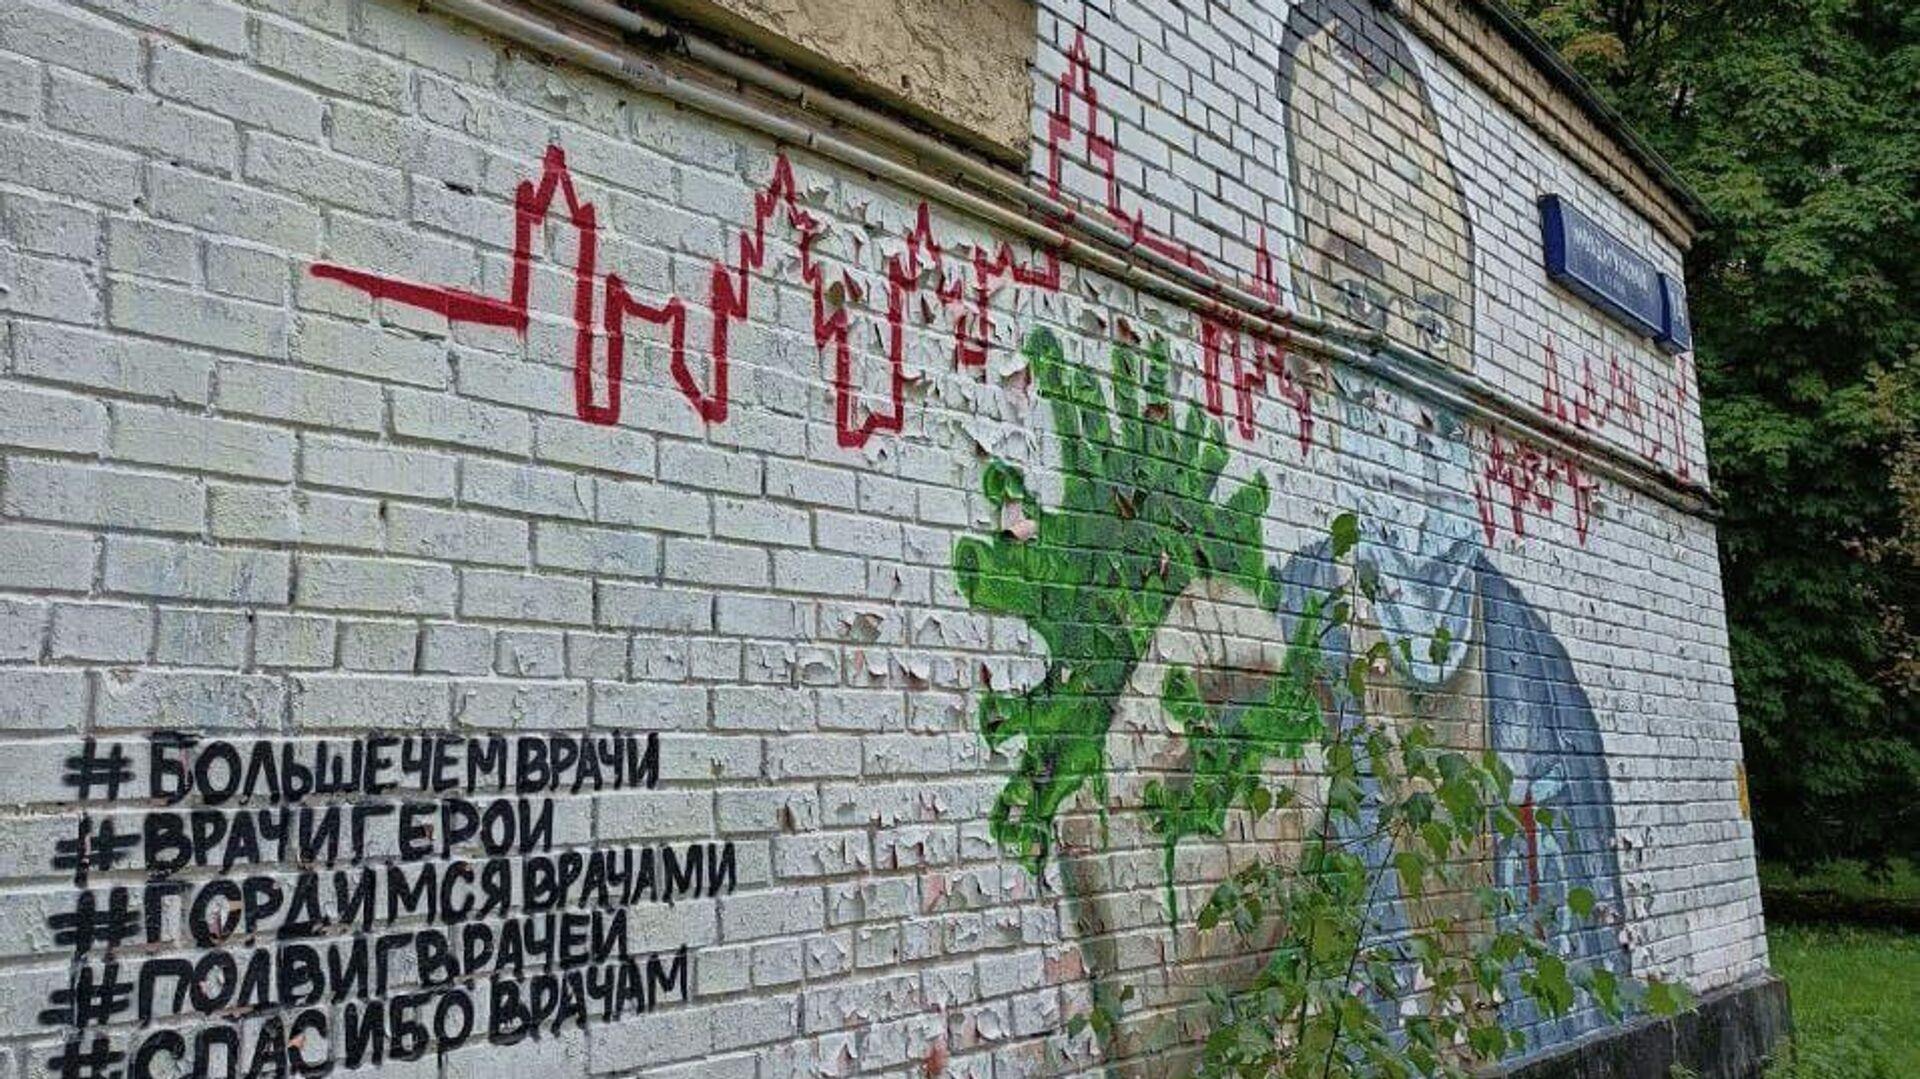 Граффити на стене здания в Москве - РИА Новости, 1920, 07.10.2021